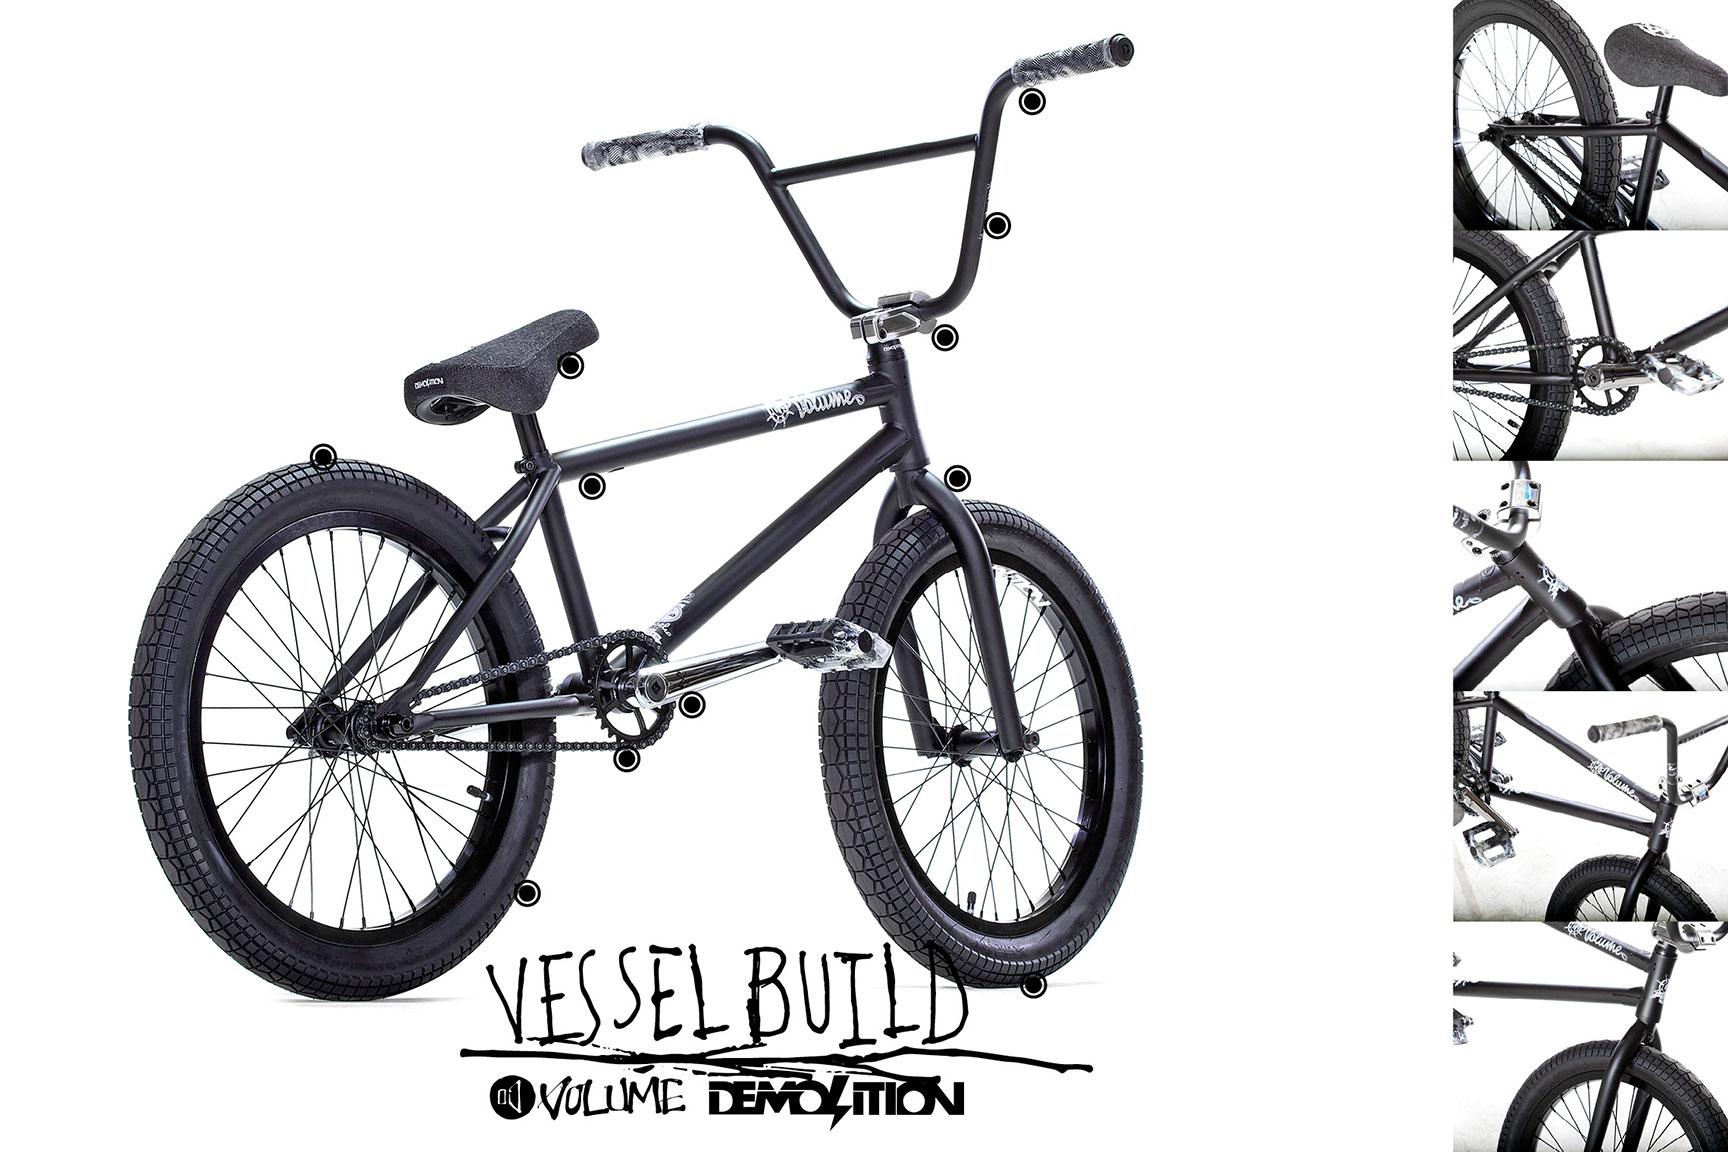 blog-vol-vessel-build